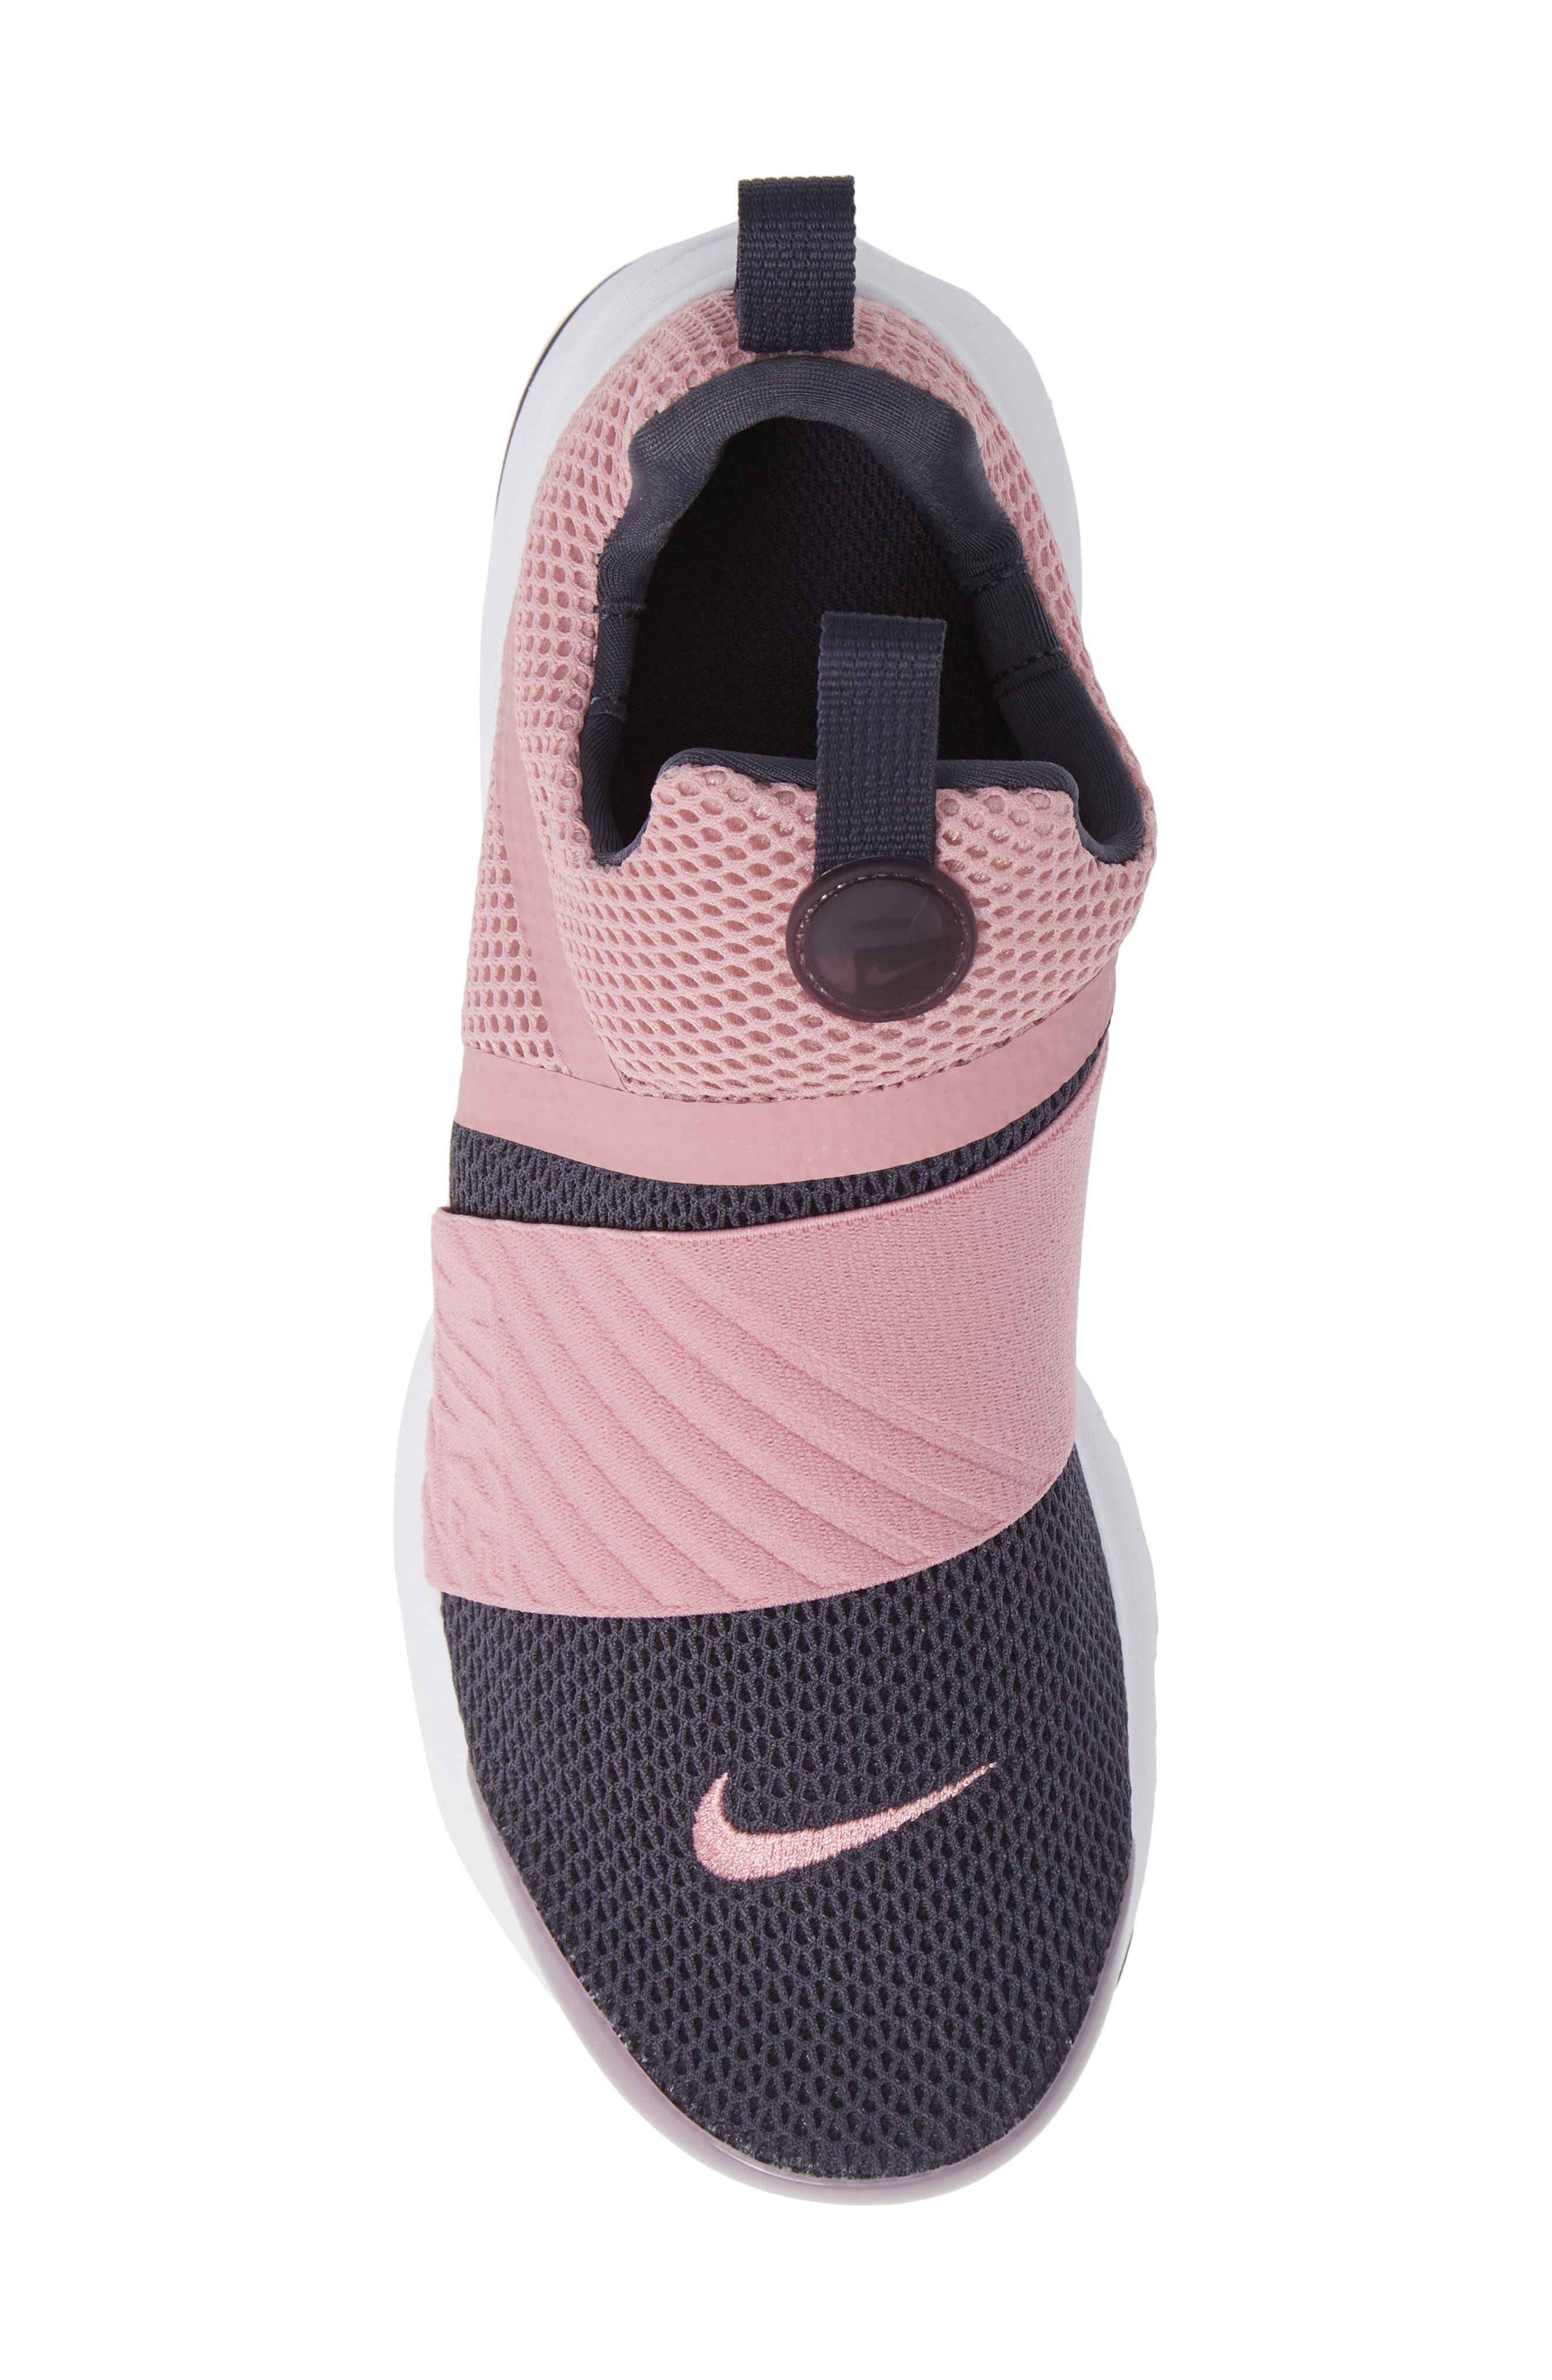 Presto Extreme Sneaker,                             Alternate thumbnail 4, color,                             Elemental Pink/ Gridiron